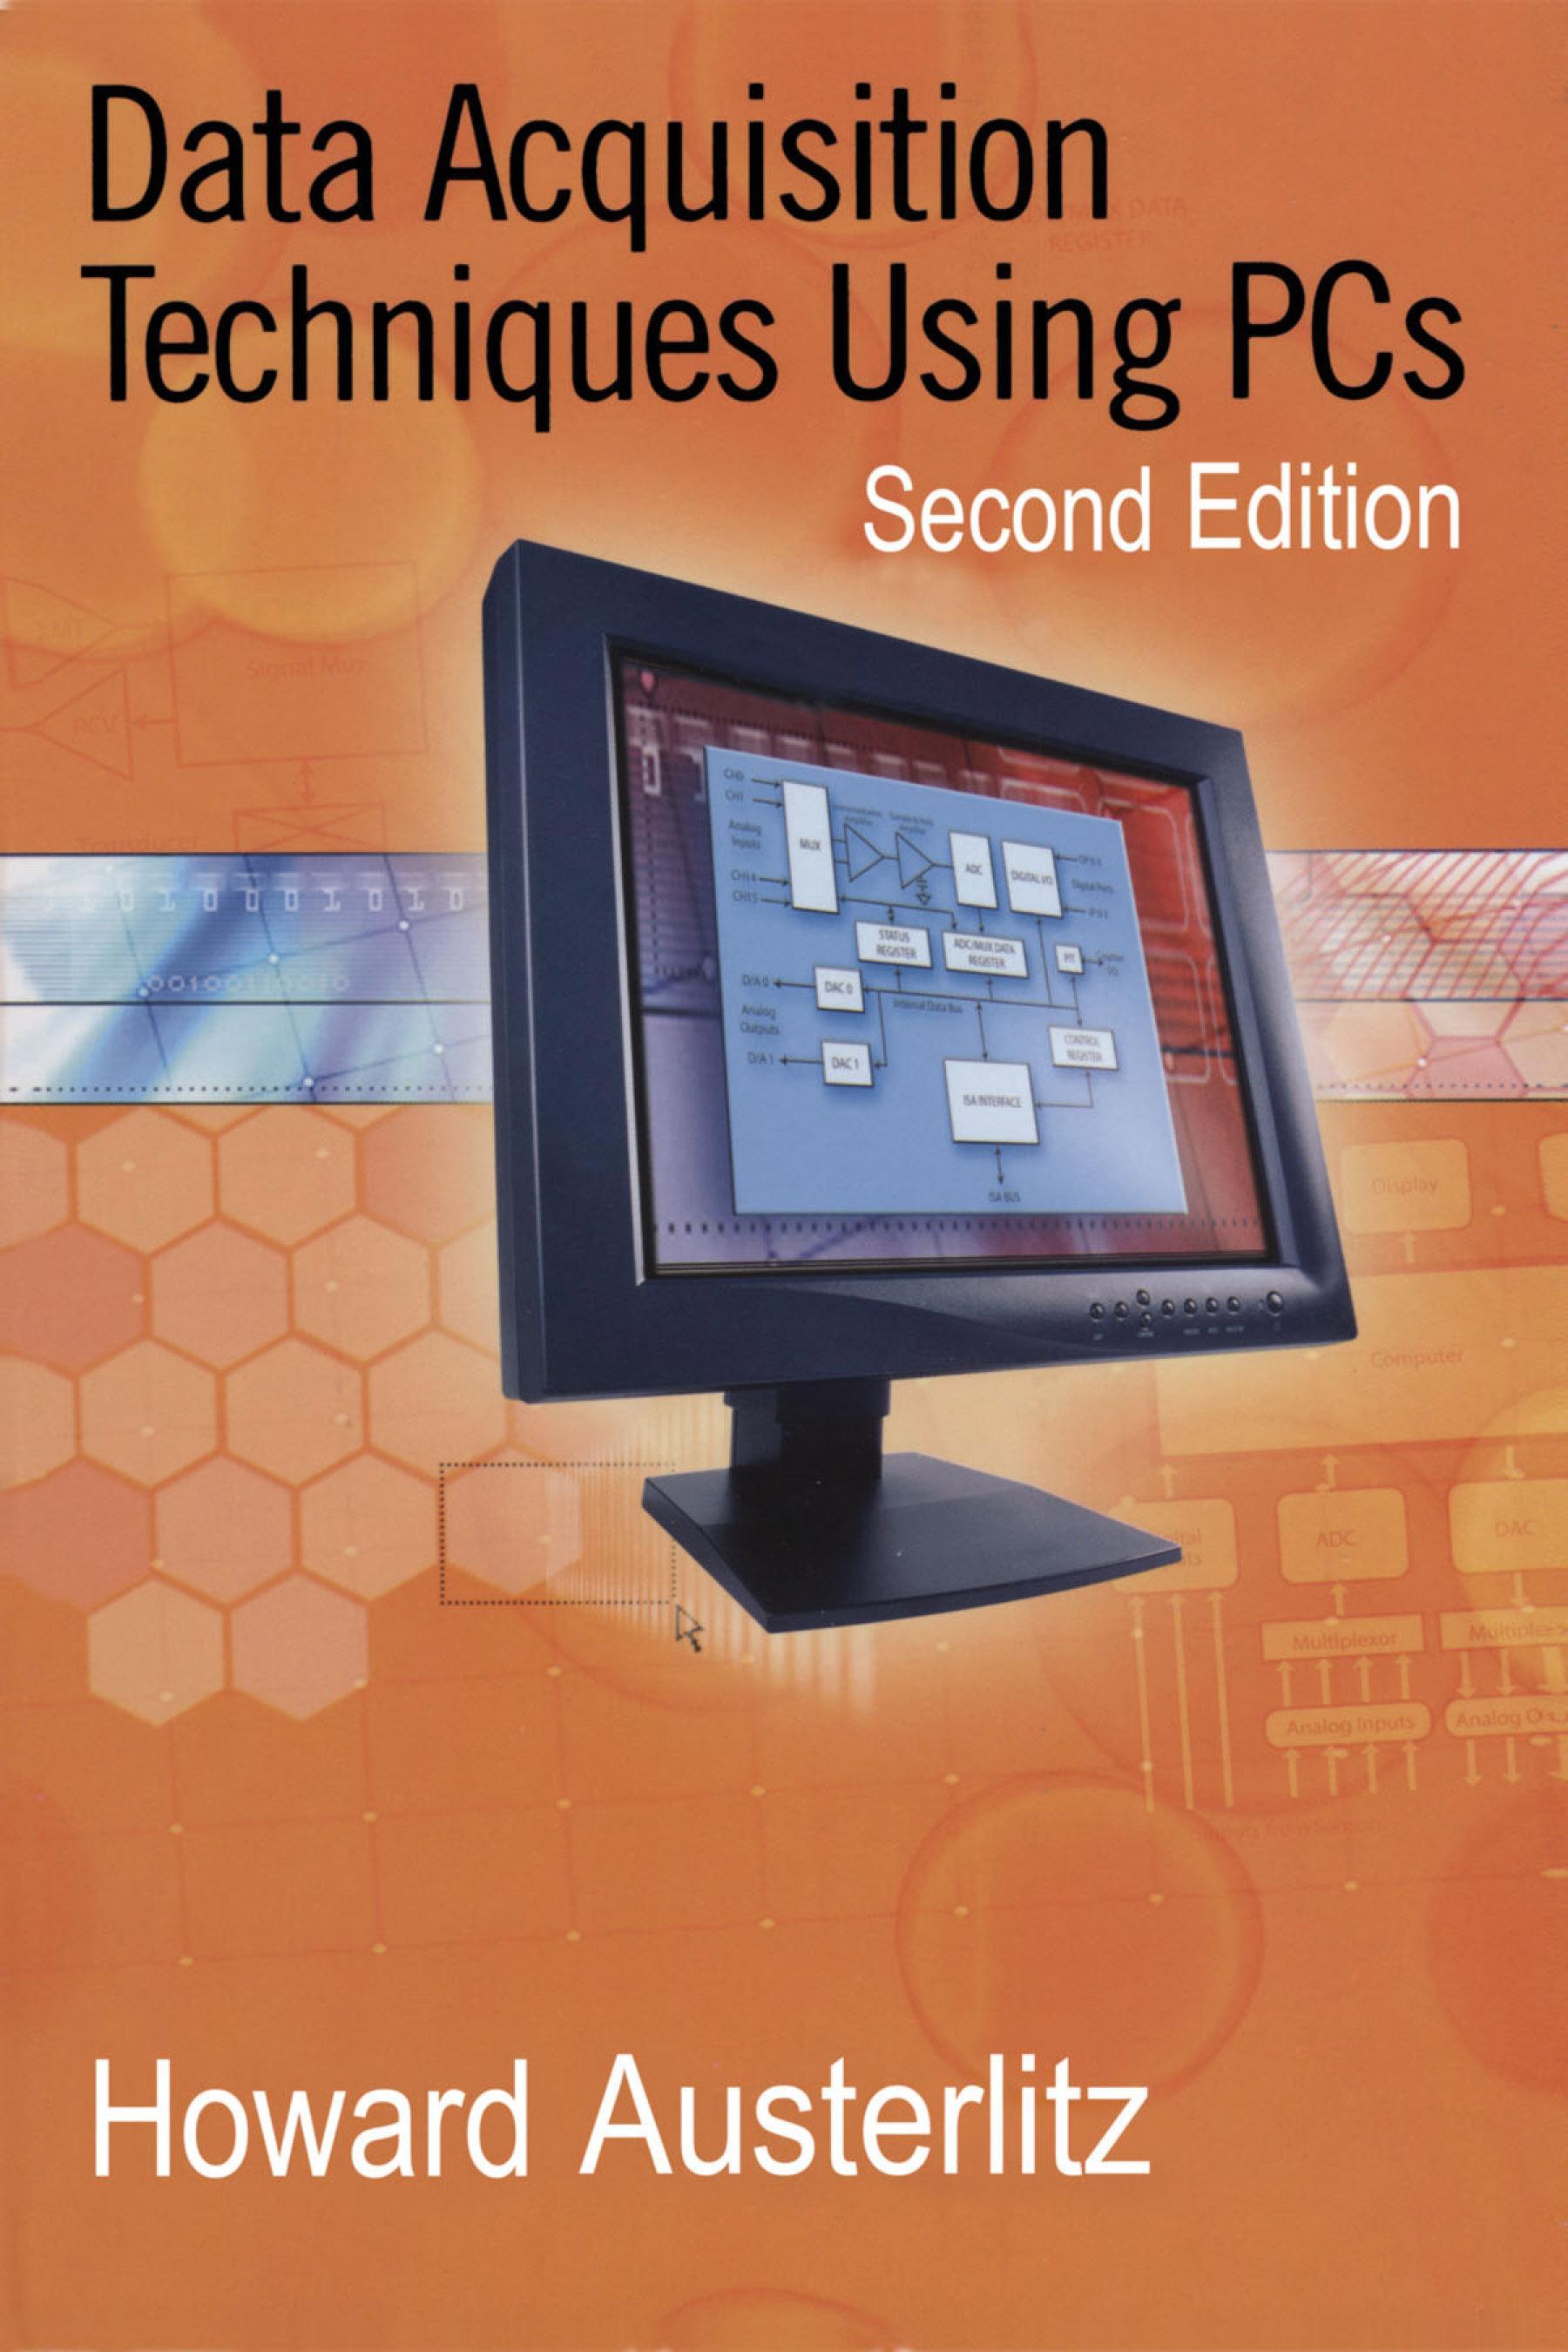 Data Acquisition Techniques Using PCs EB9780080530253